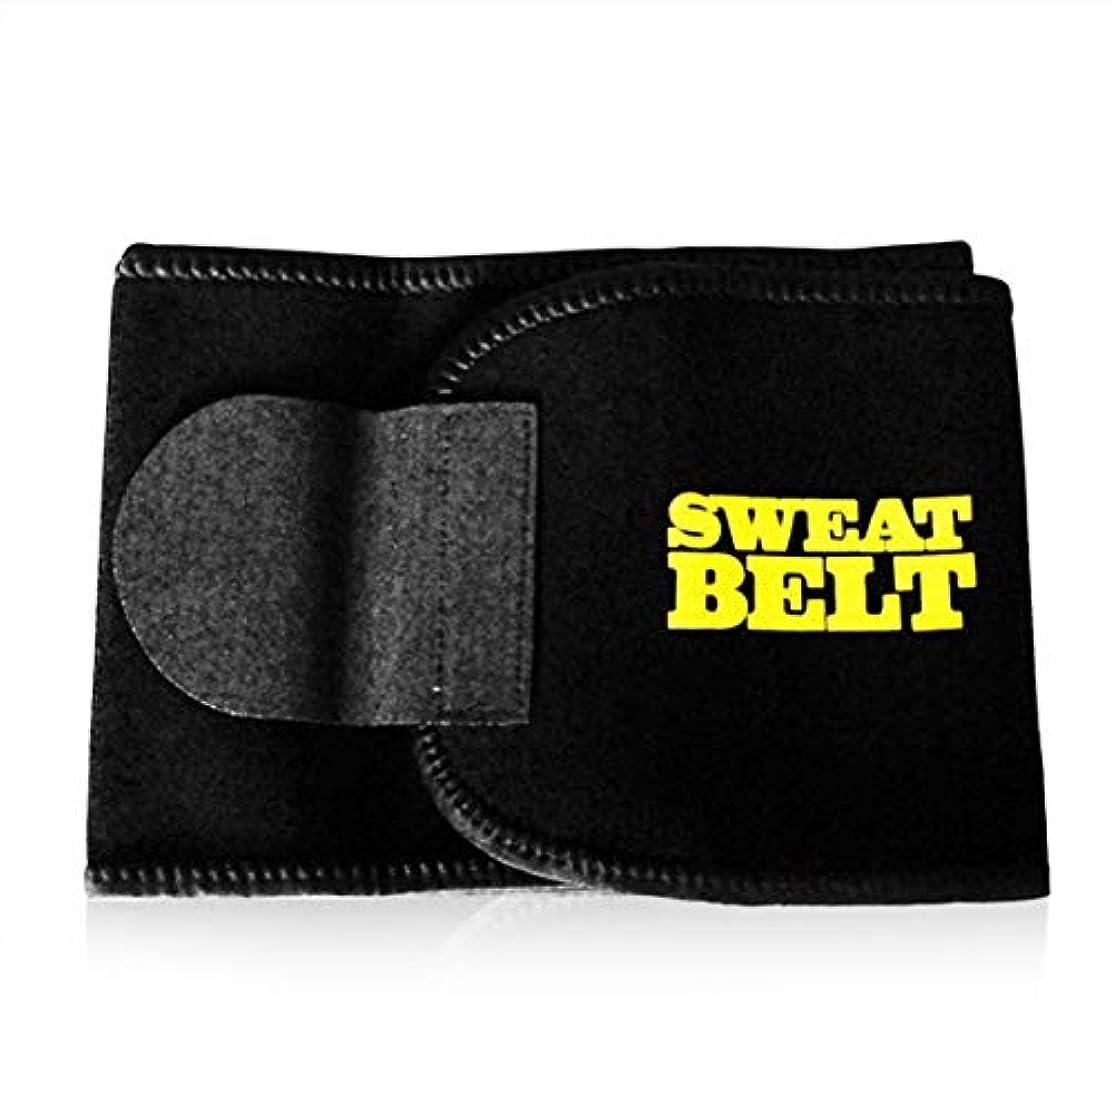 月予算表現弾性男性女性ウエストタミースポーツボディシェイパーバンドベルトラップ脂肪燃焼スリミングエクササイズ用品シェイパーウェアコルセット